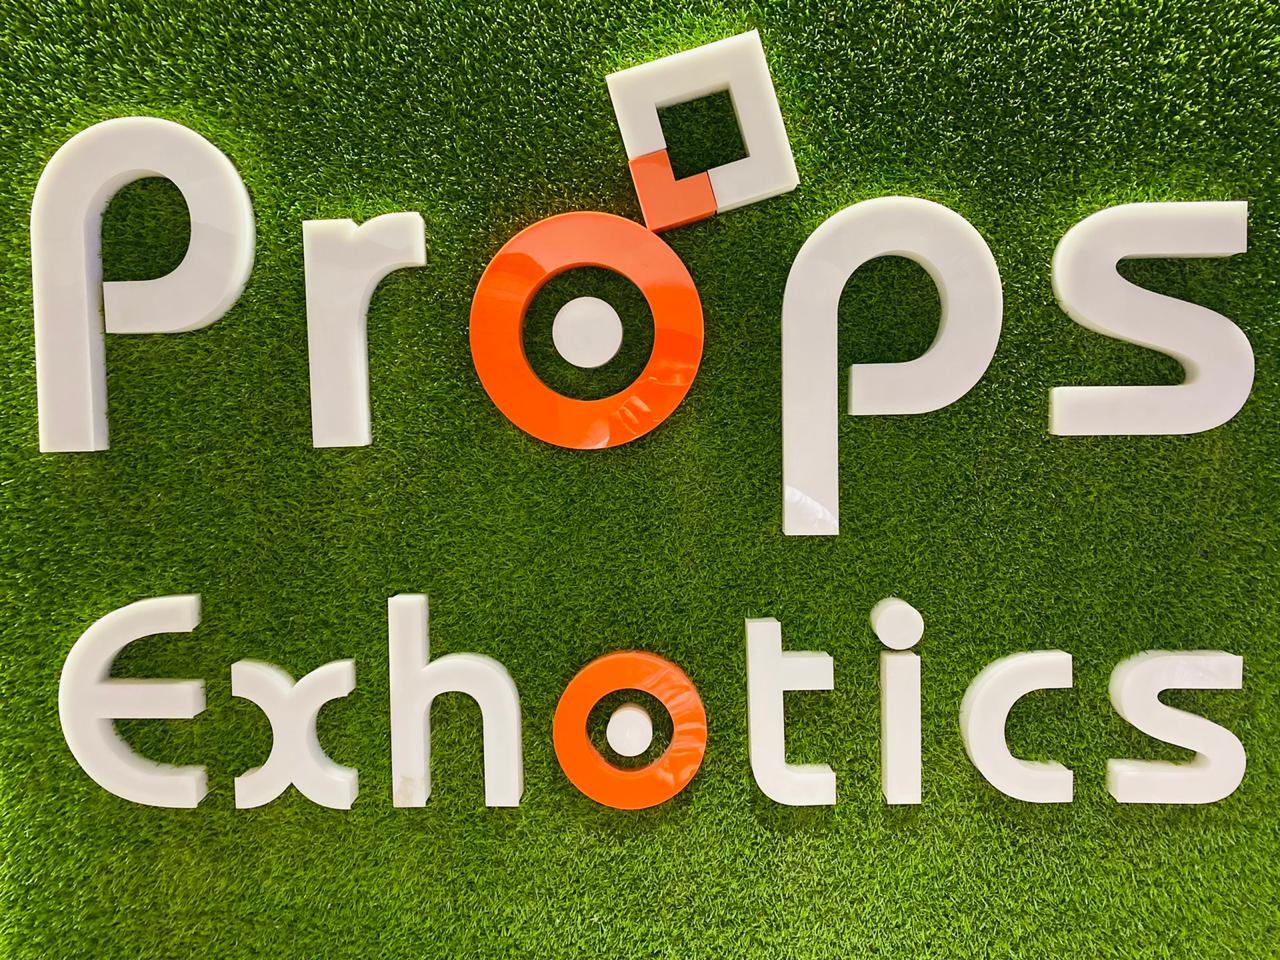 """મોરબી : દીપાવલીમાં તમારા ઘરને સજાવો """"Props Exhotics"""" ની કલાત્મક ચીજવસ્તુઓ સાથે…"""